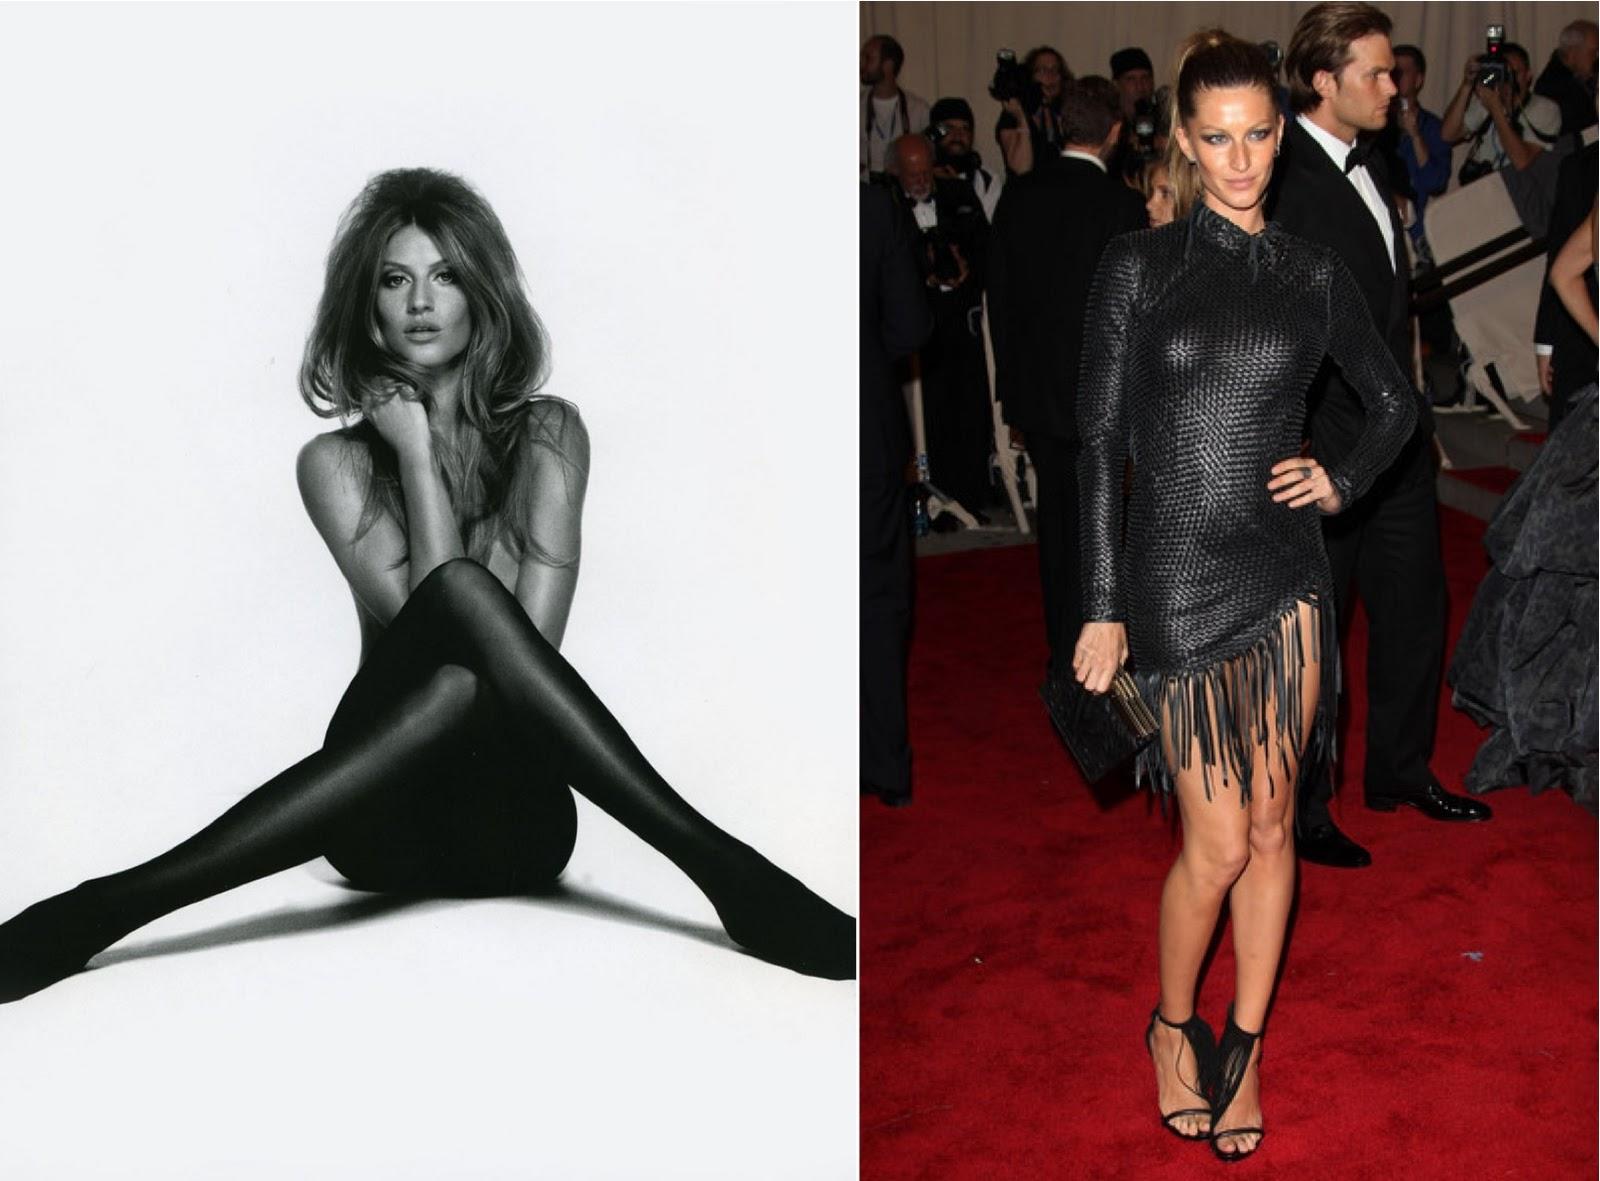 http://3.bp.blogspot.com/_PfmV3qvy8FY/TR1RpwqP3TI/AAAAAAAAAvY/Od0L0ajHFPs/s1600/la+modella+mafia%2527s+top+10+best+dressed+models+of+2010+7+Gisele+Bundchen.jpg